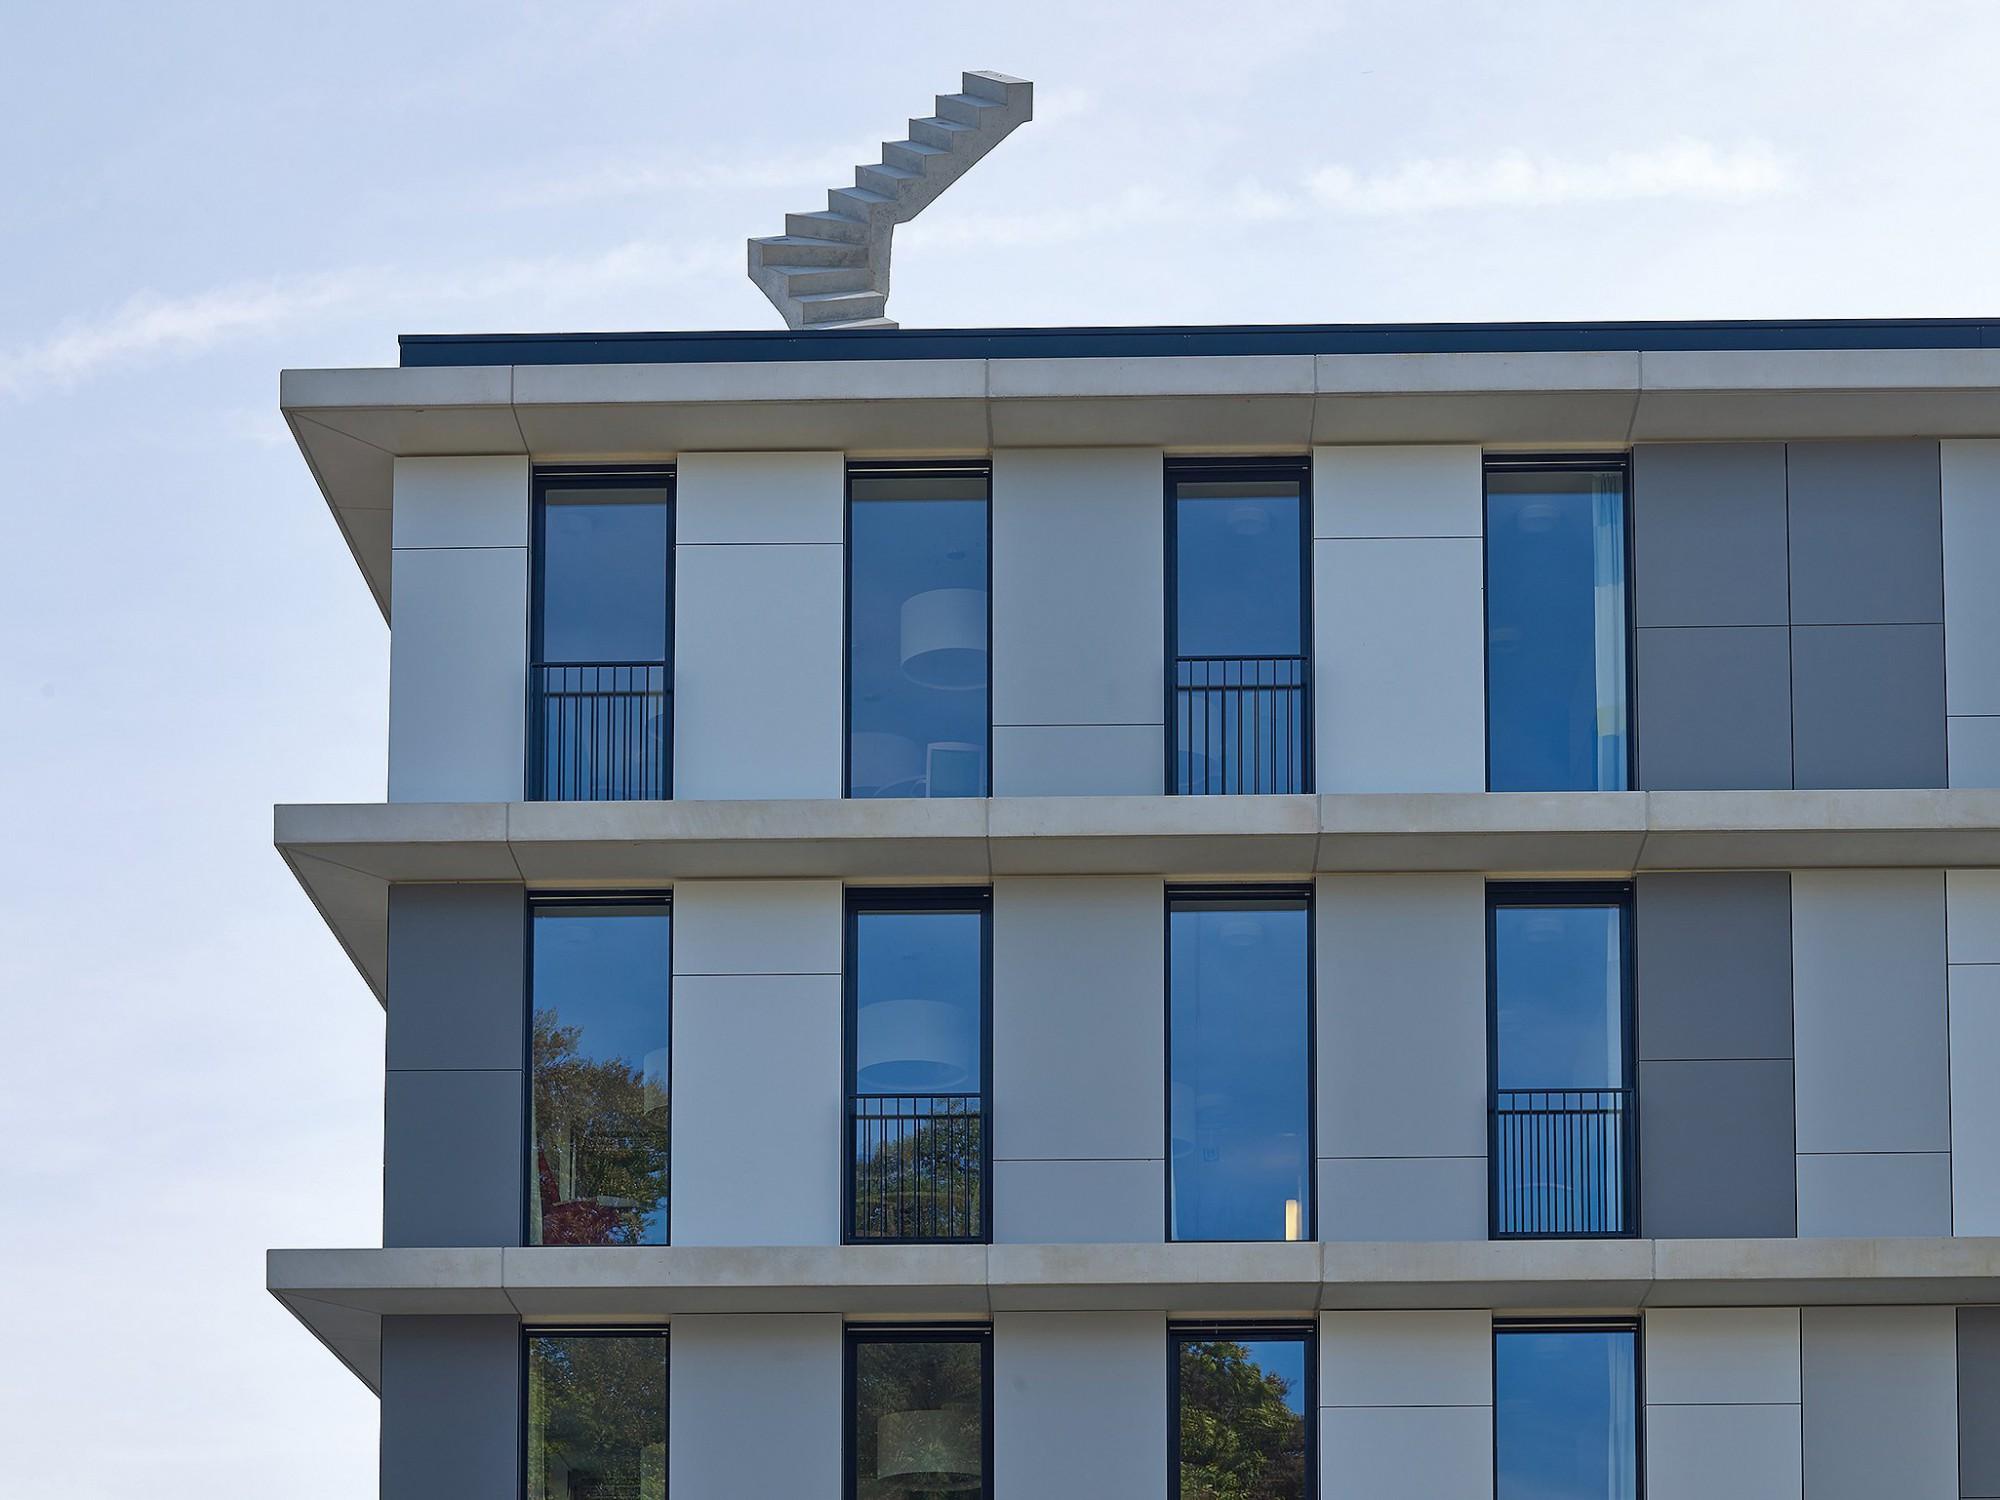 Afbeelding: Architectuur fotografie woon en zorg centra, herfstrust Belsele, voor bouwonderneming Maes.